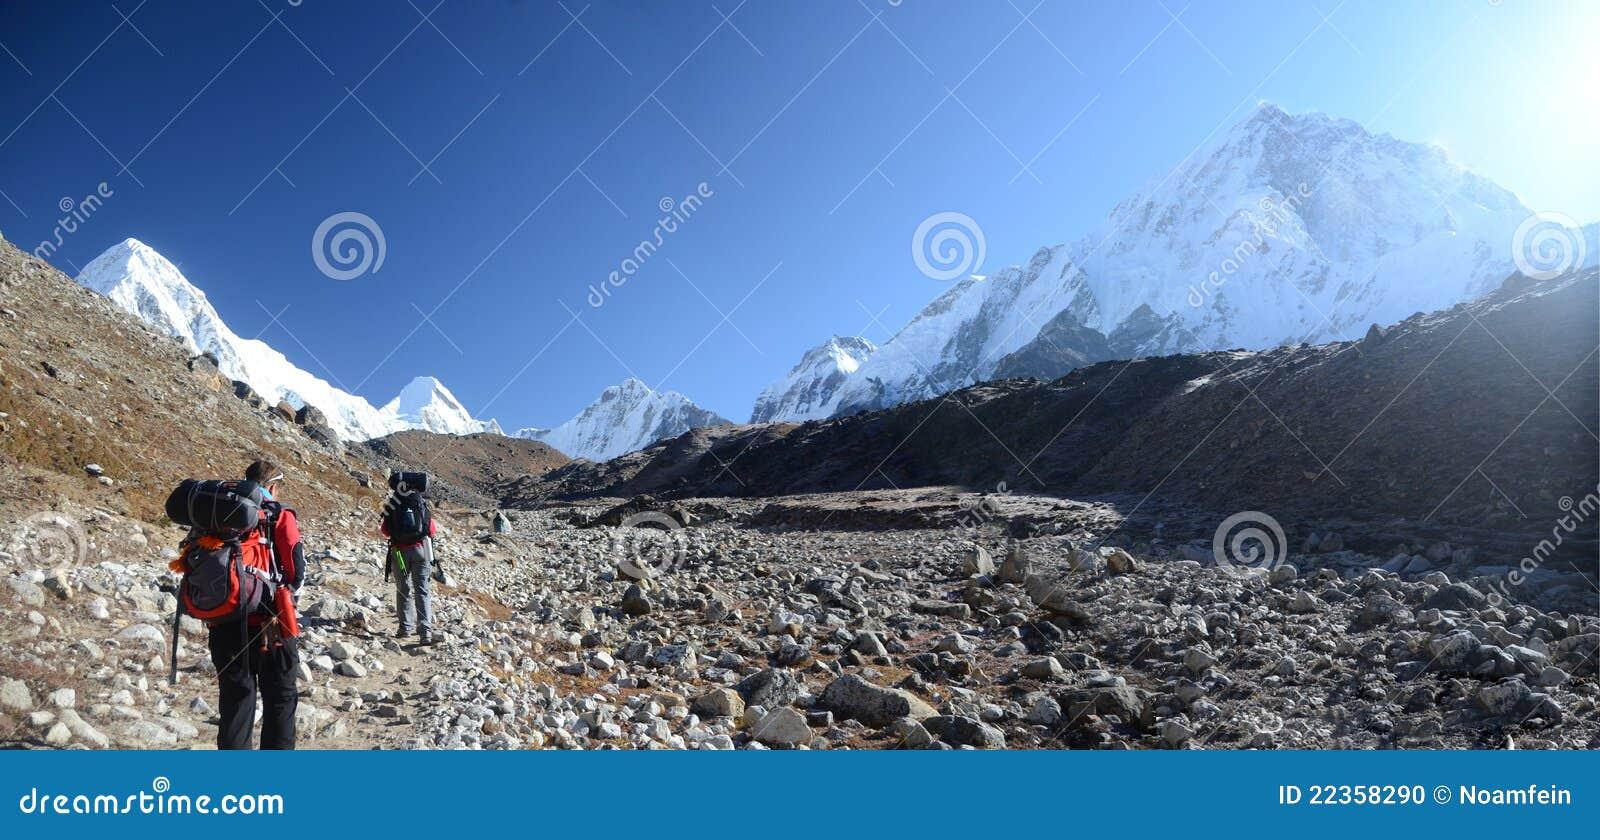 背包徒步旅行者喜马拉雅山